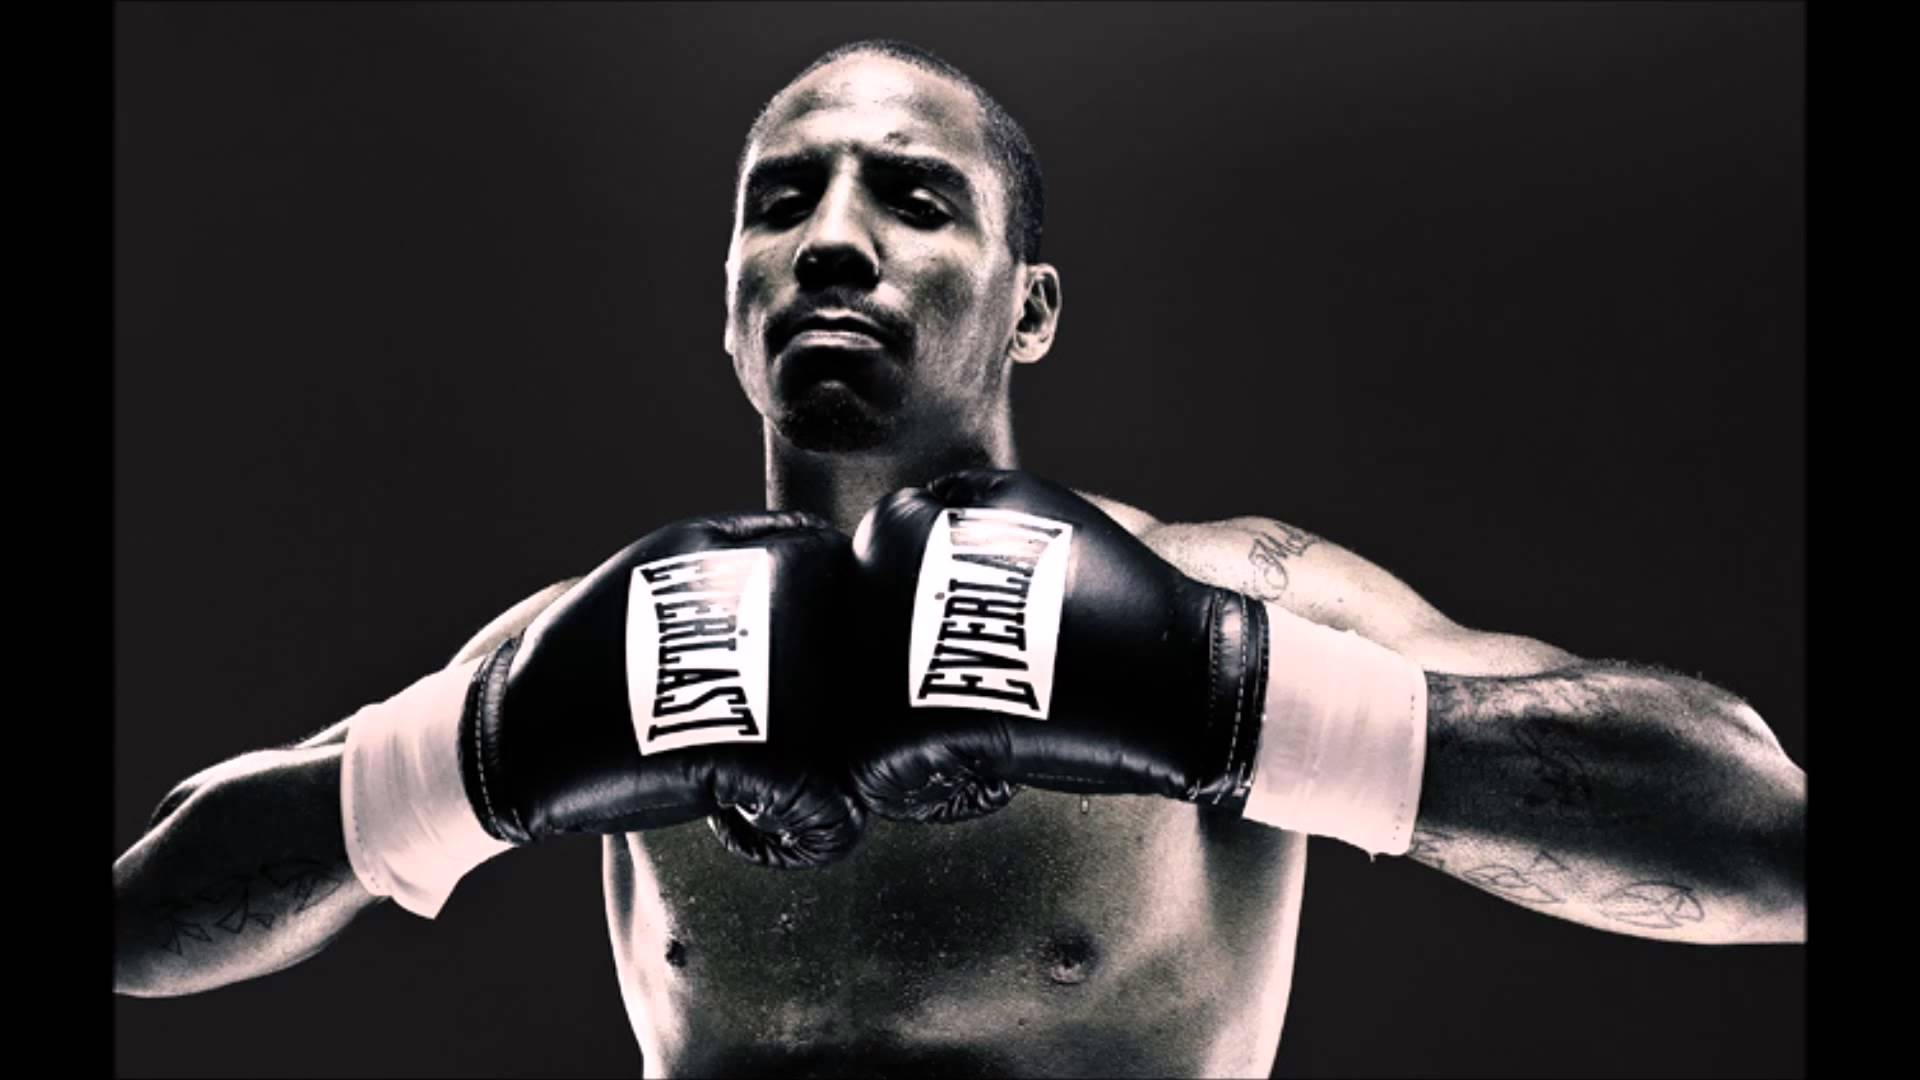 «Les boxeurs noirs ne sont acceptés que quand ils jouent les méchants»